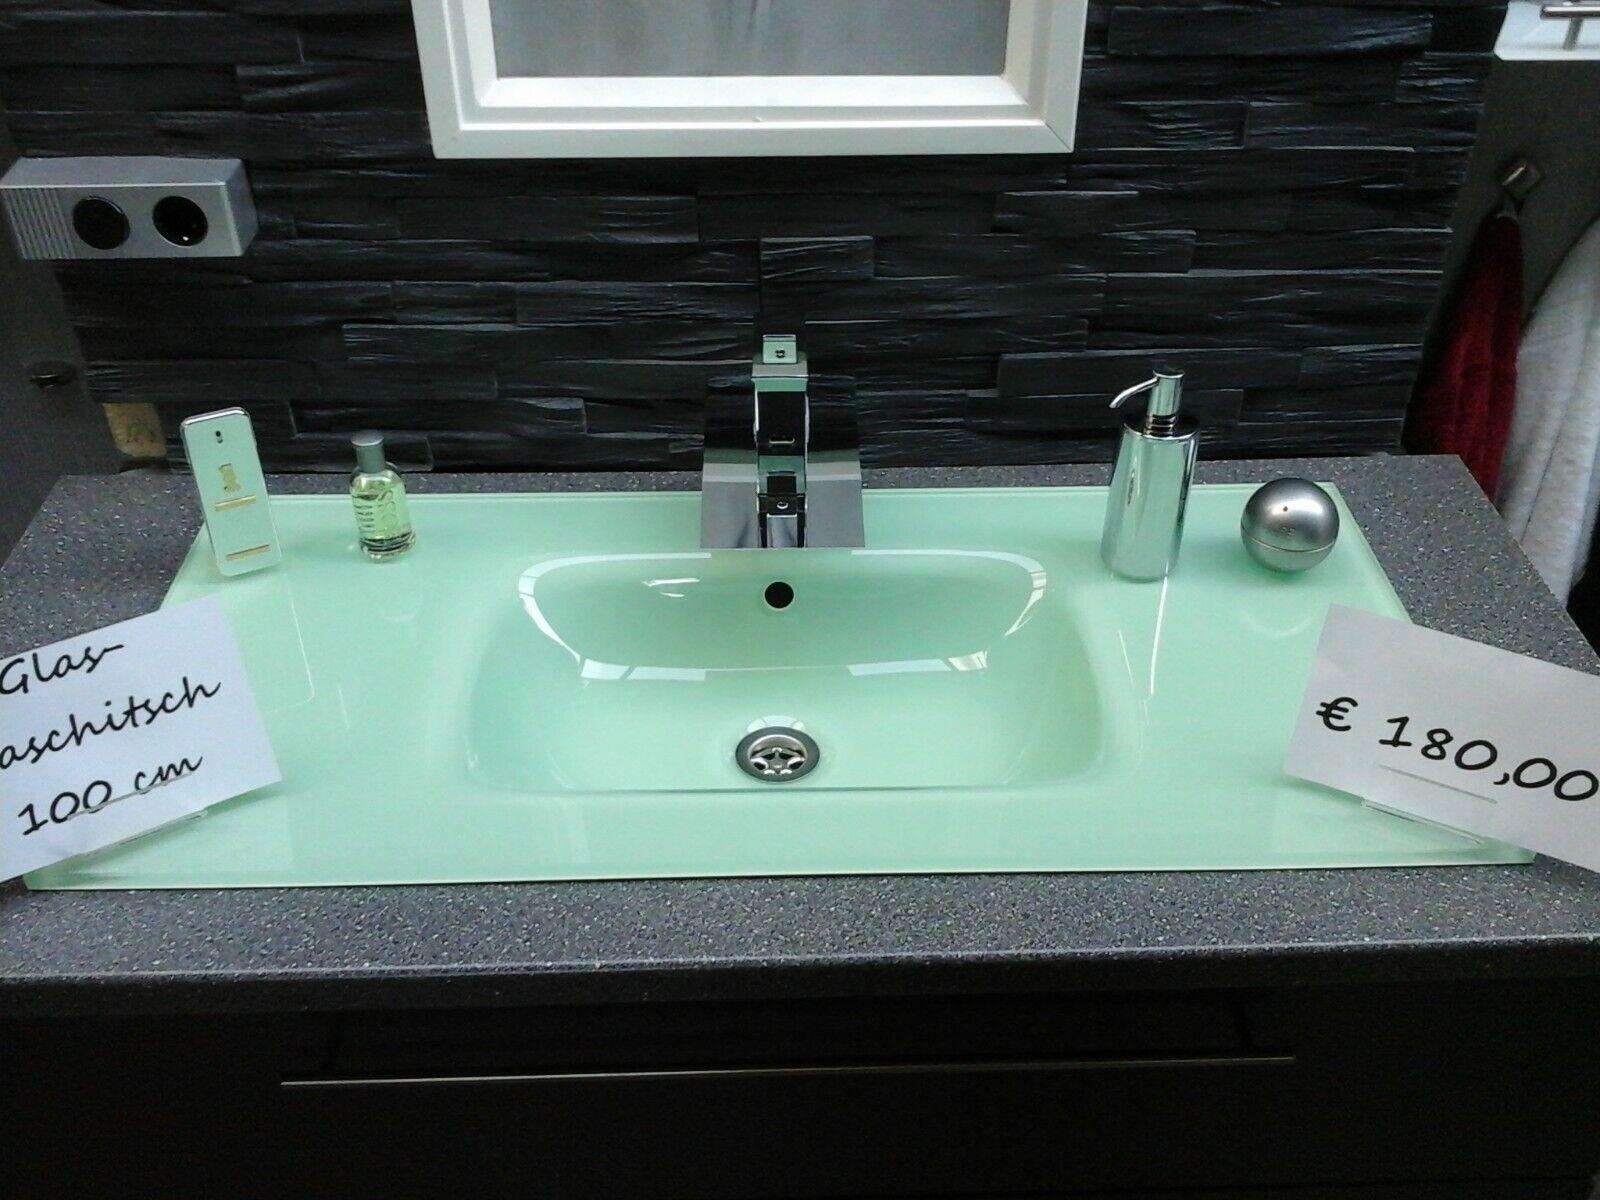 Glaswaschtisch Glaswaschbecken,Glas Waschbecken Glas Waschtisch 80,90,100 cm